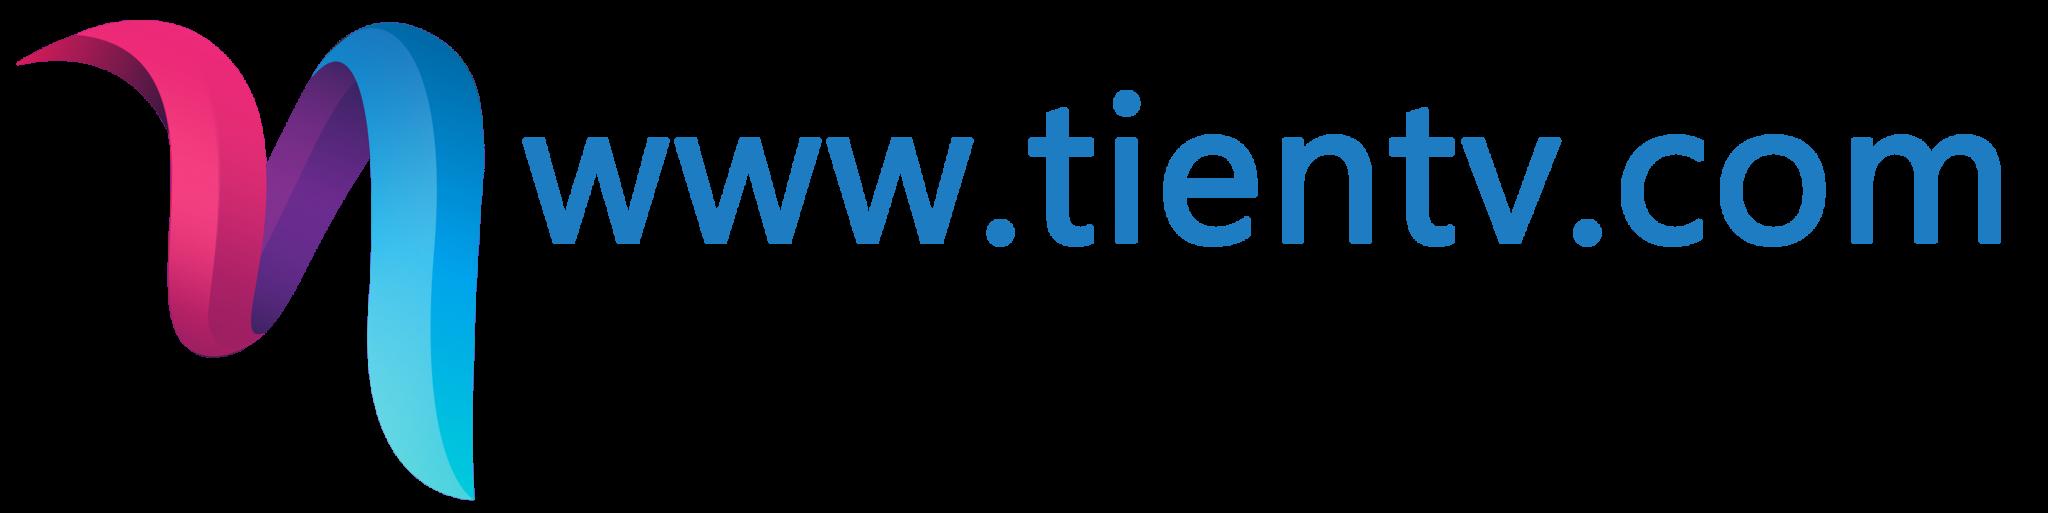 www.tientv.com